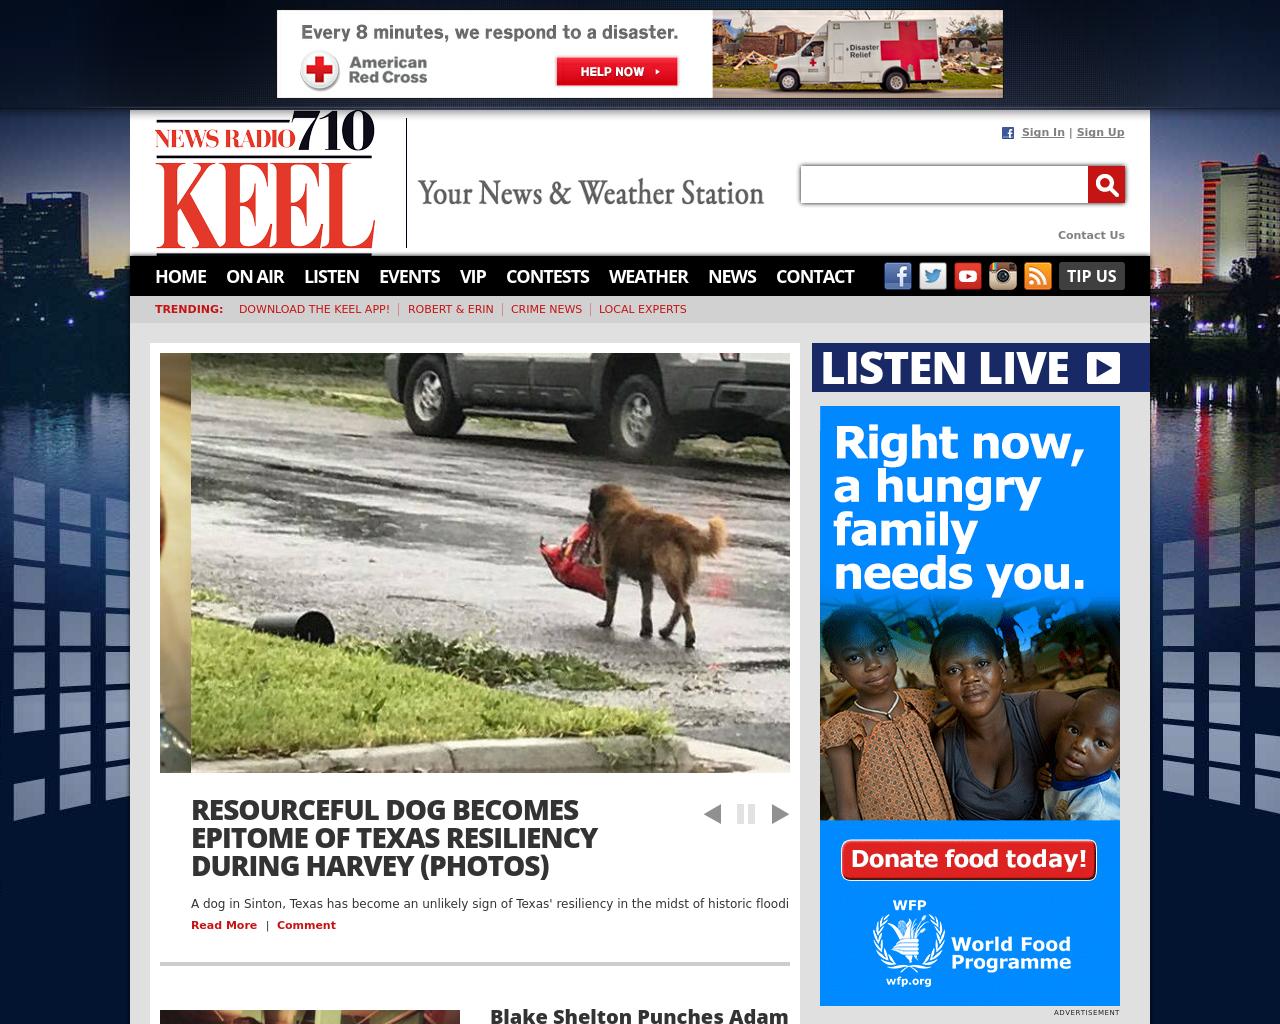 710-Keel-Advertising-Reviews-Pricing